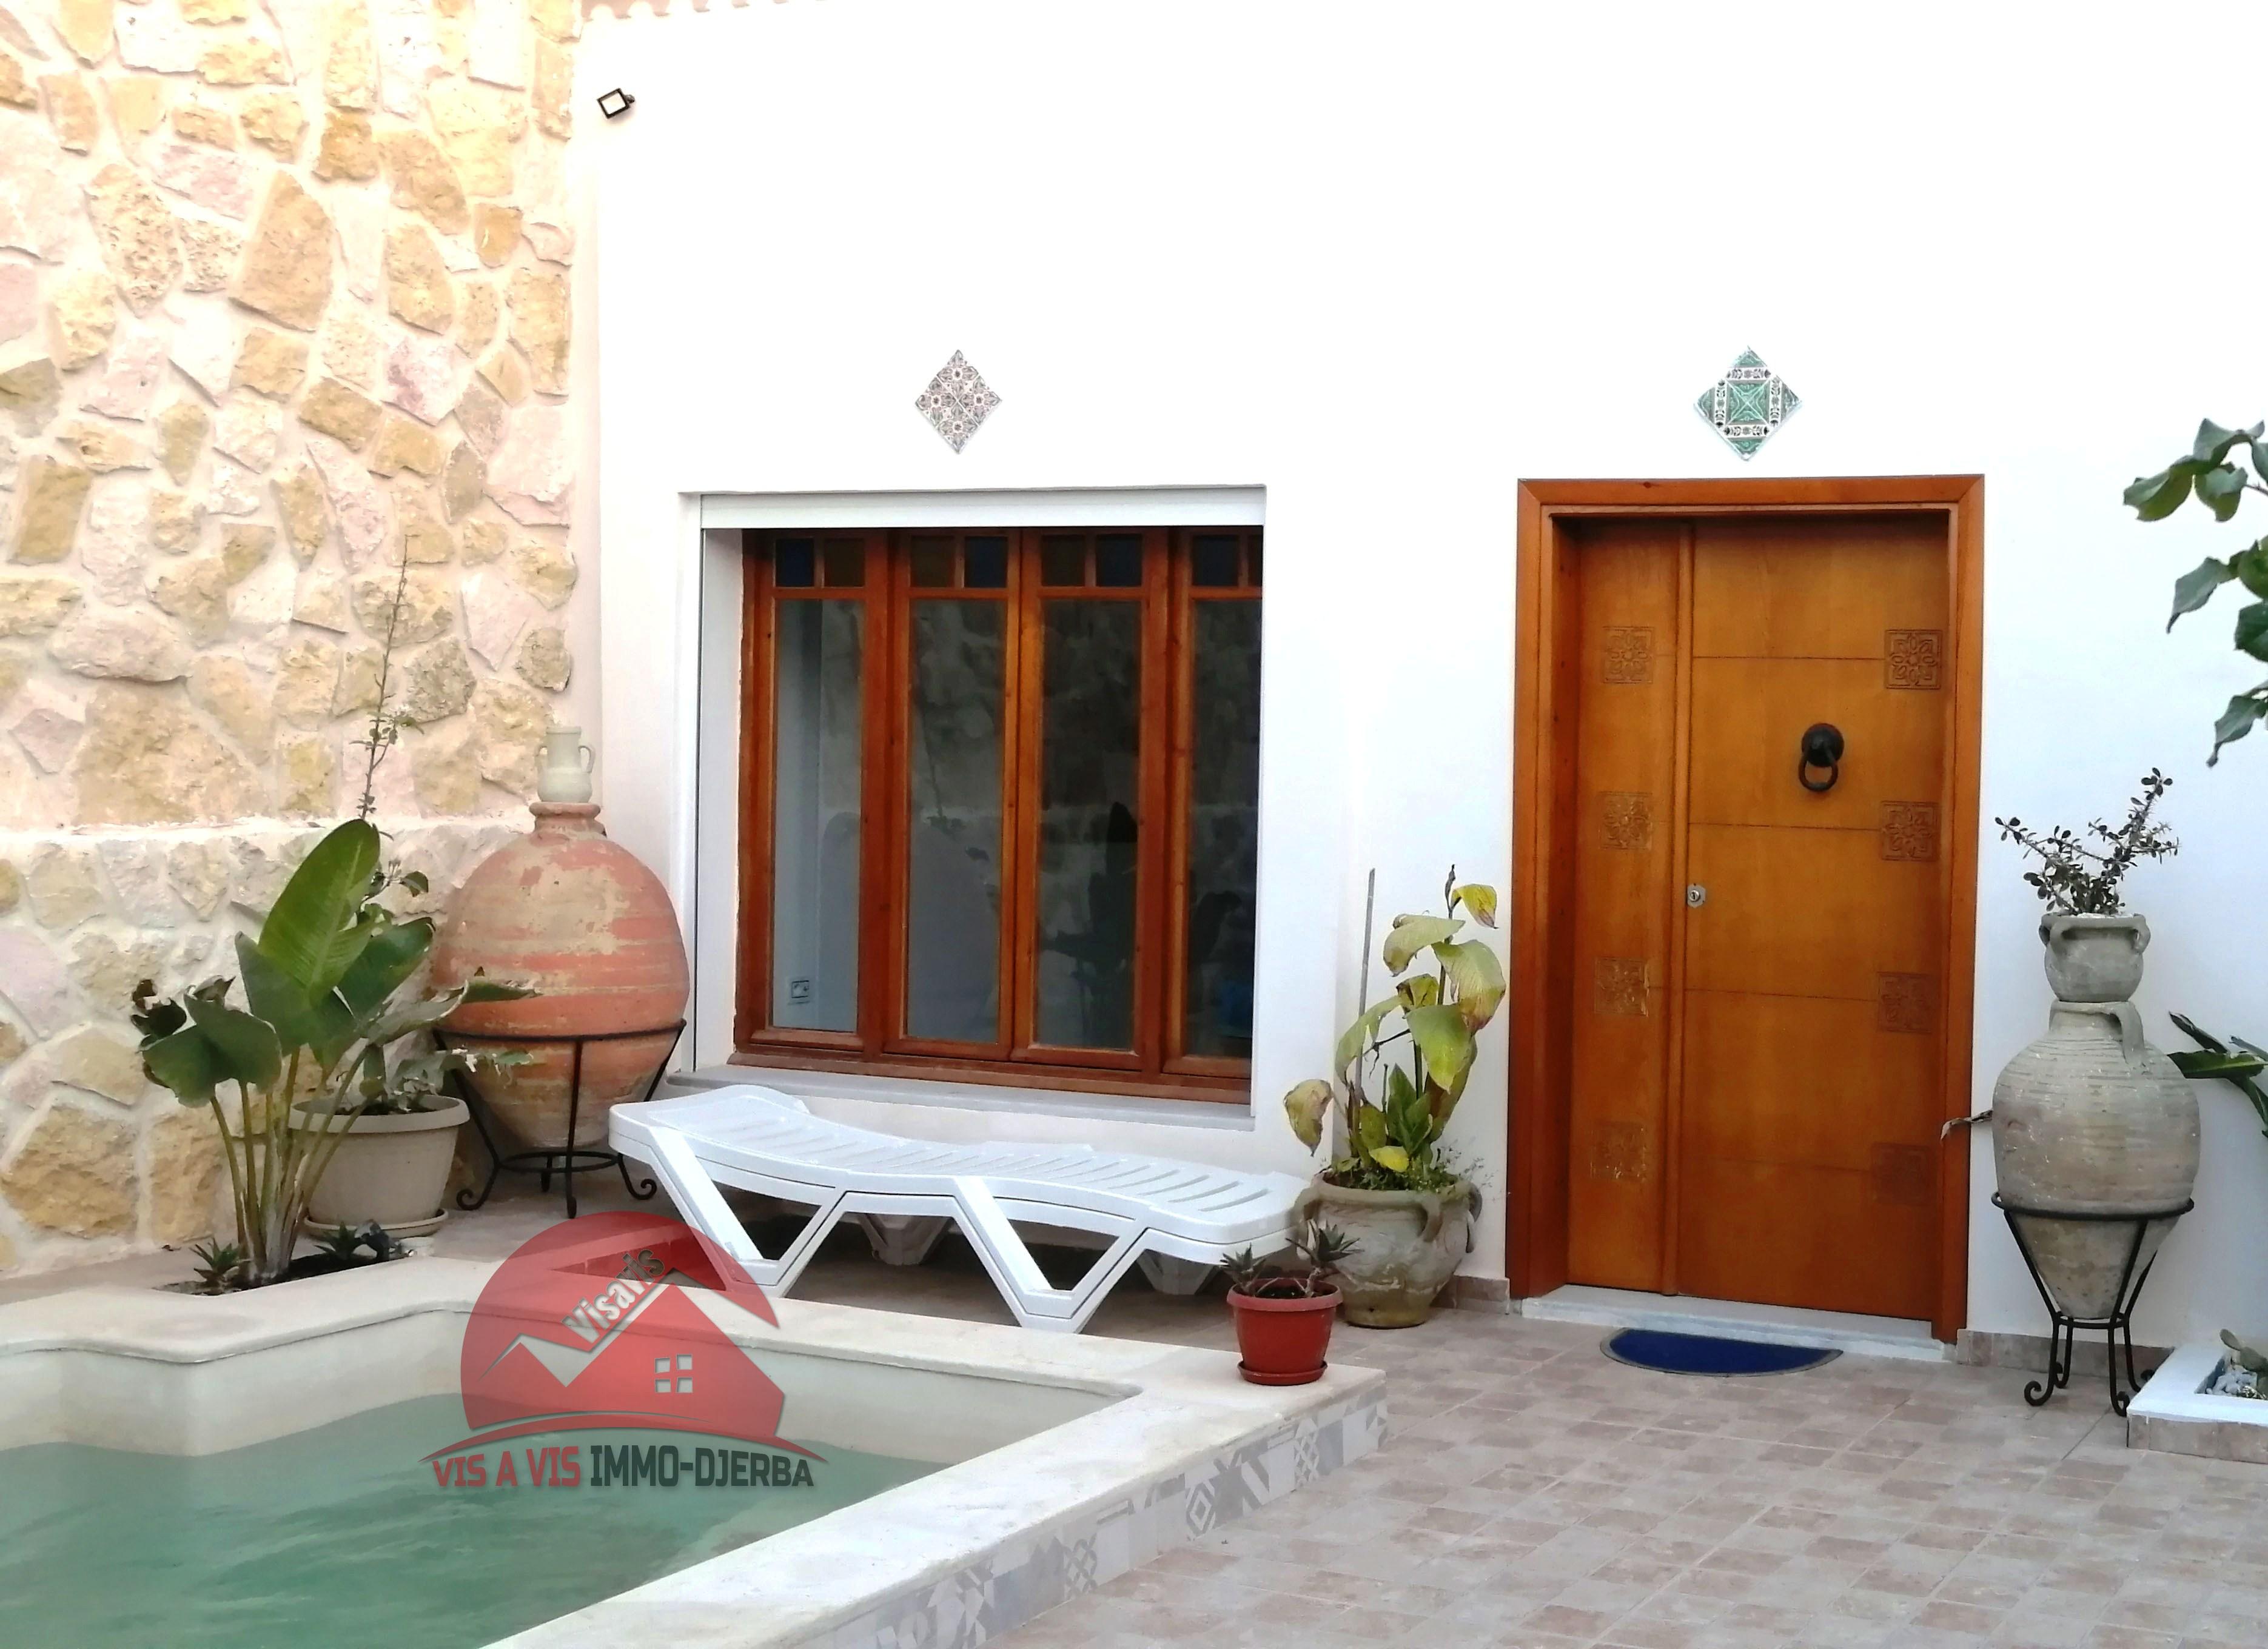 Location Houch avec piscine sans-vis-à-vis - Réf L609